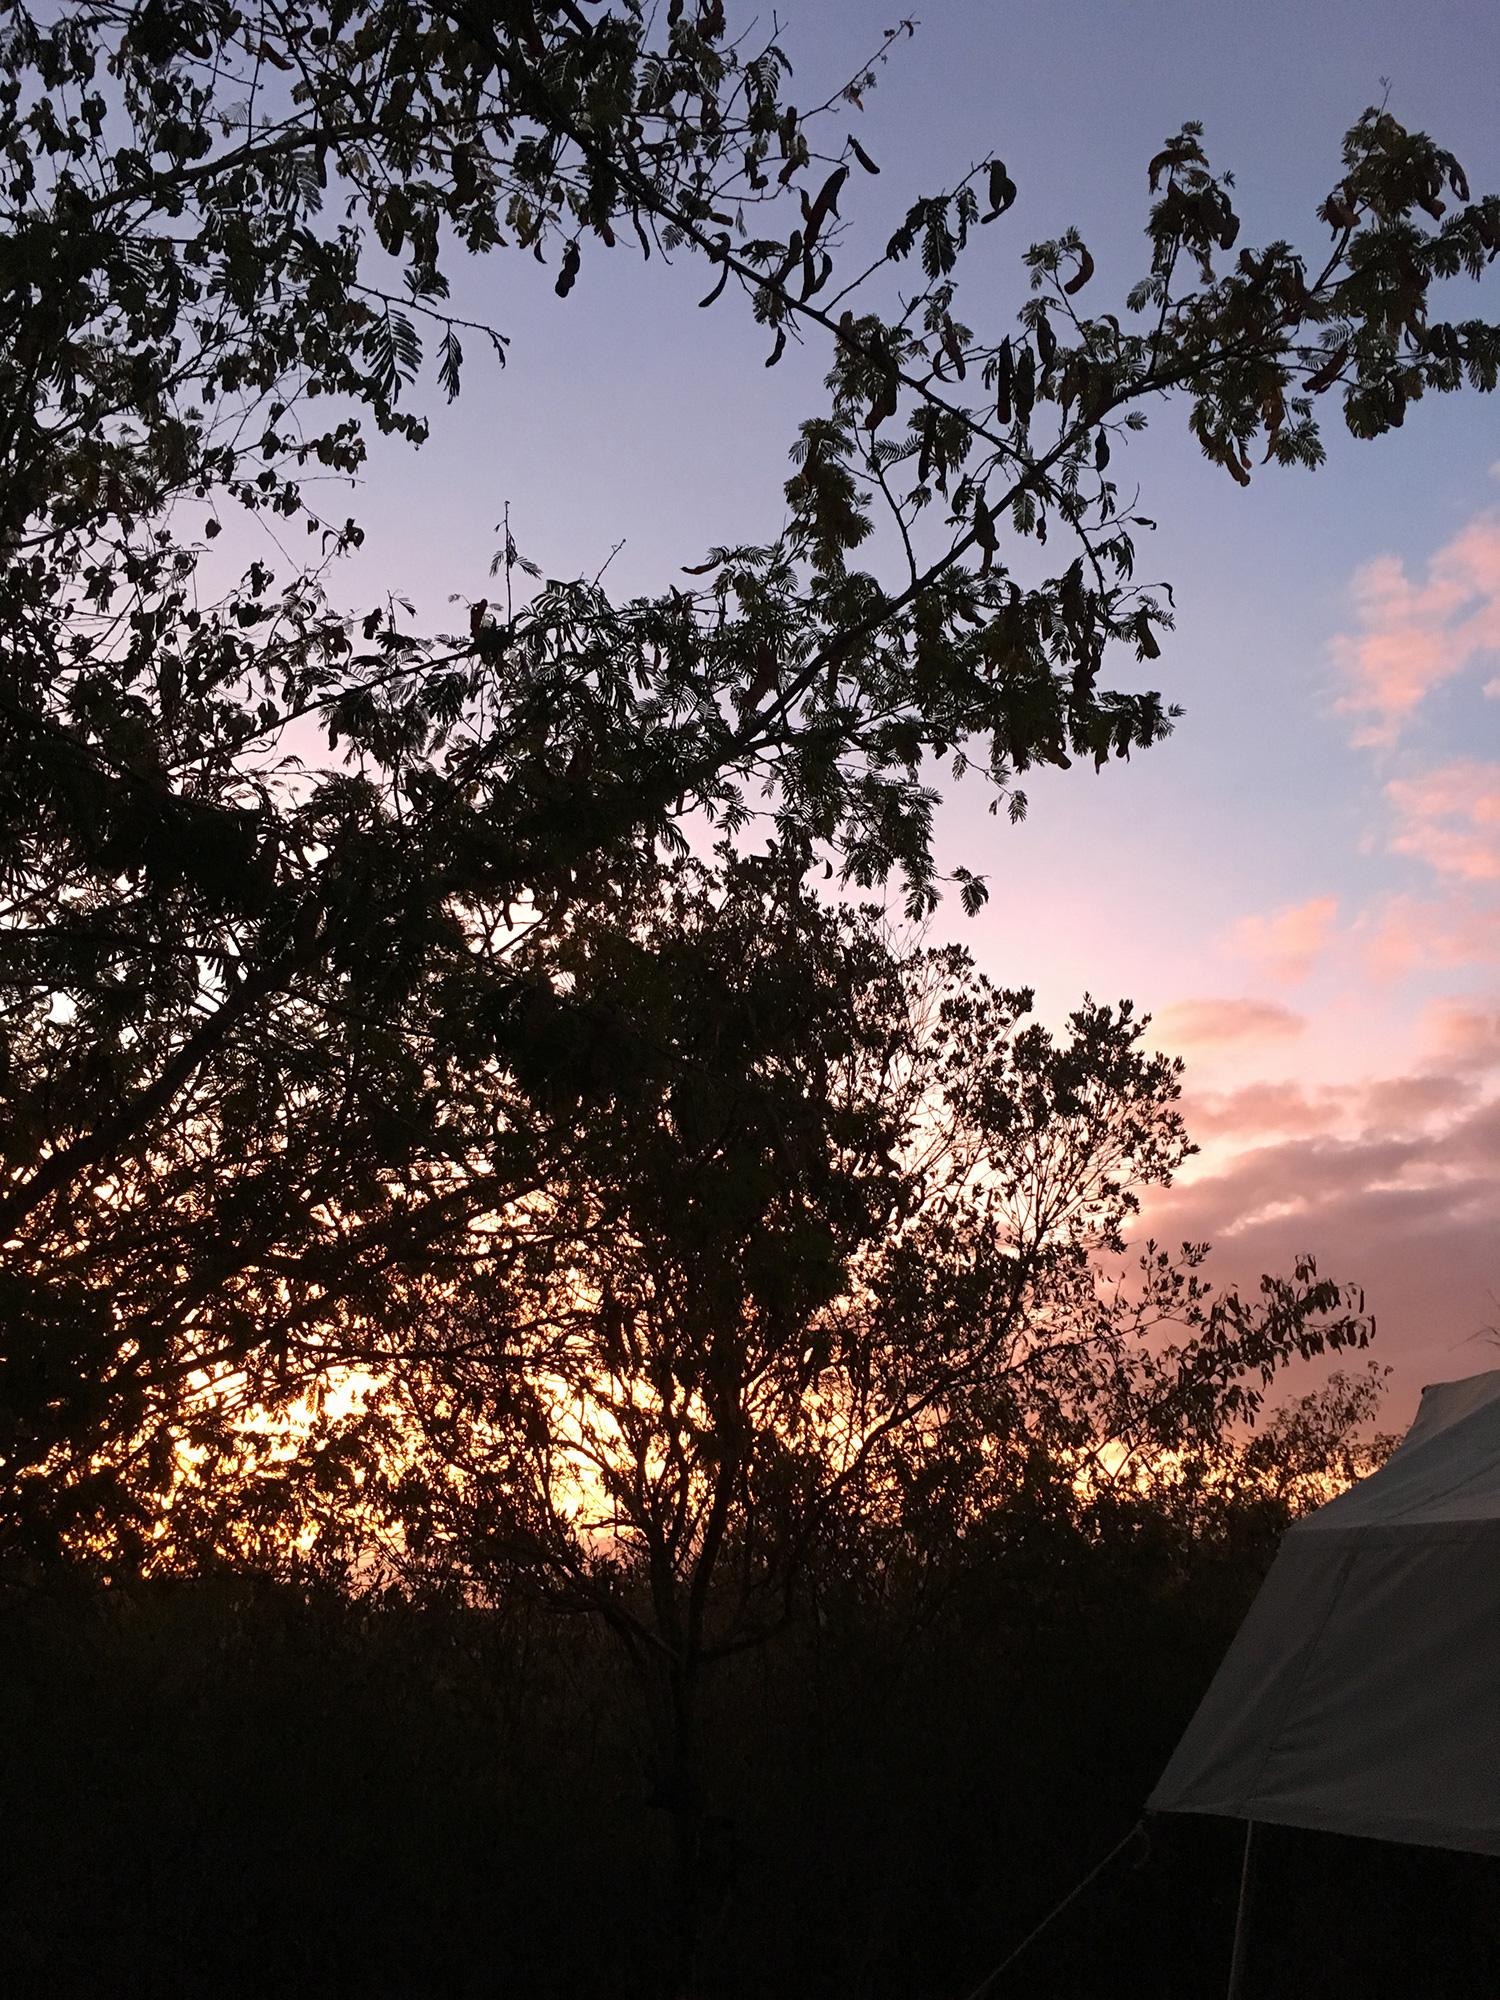 鳥のさえずりで目覚め、テントからきれいな朝日が見れました。